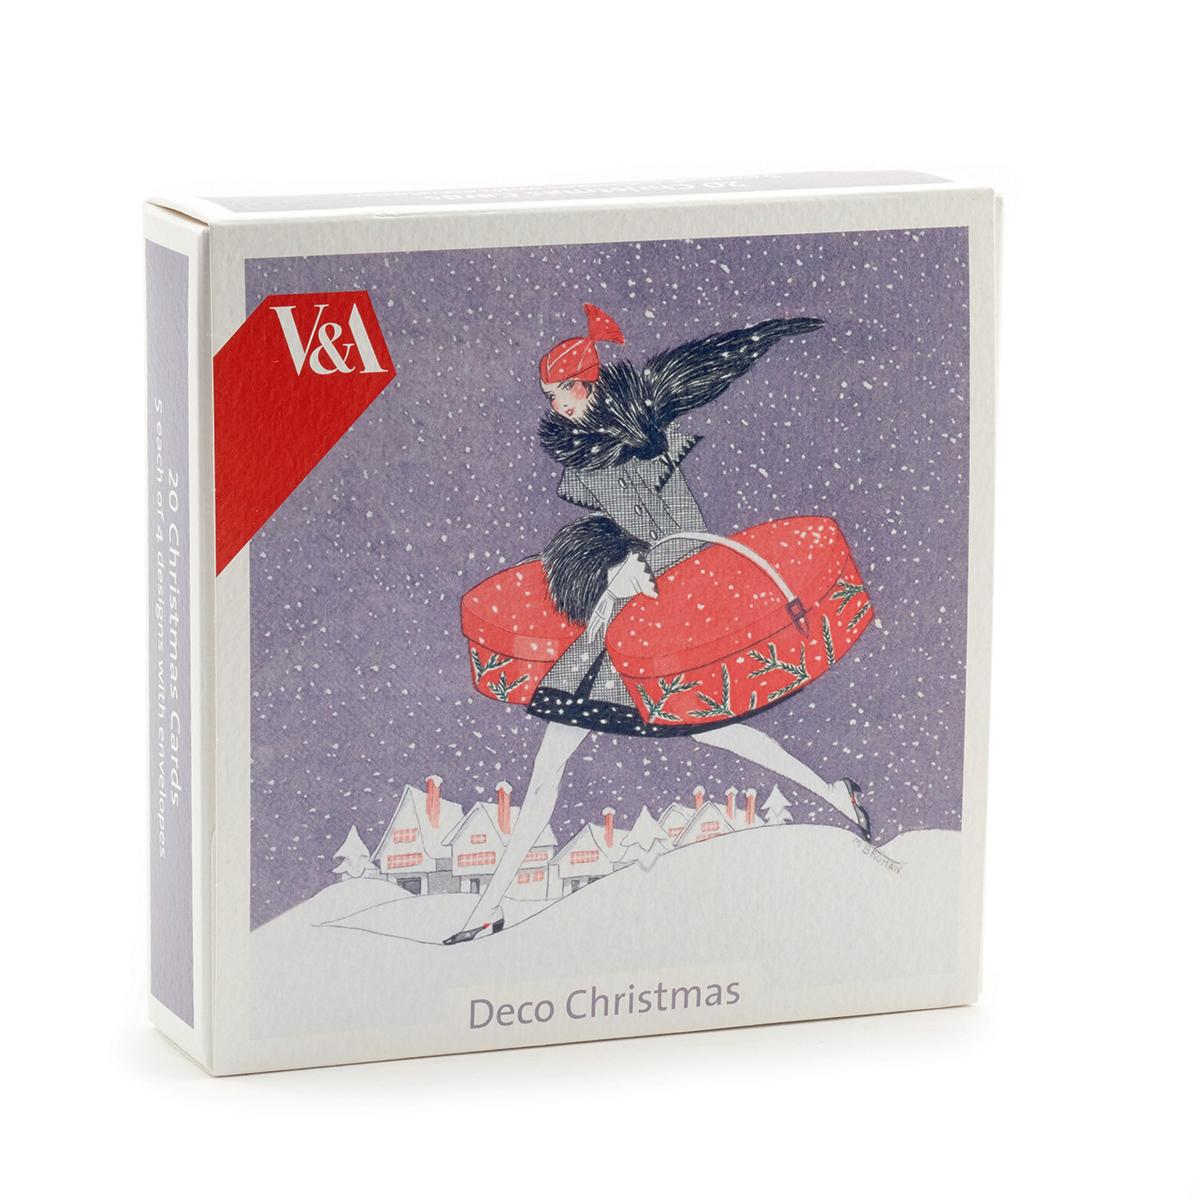 20 Art Deco Christmas cards set of 4 designs